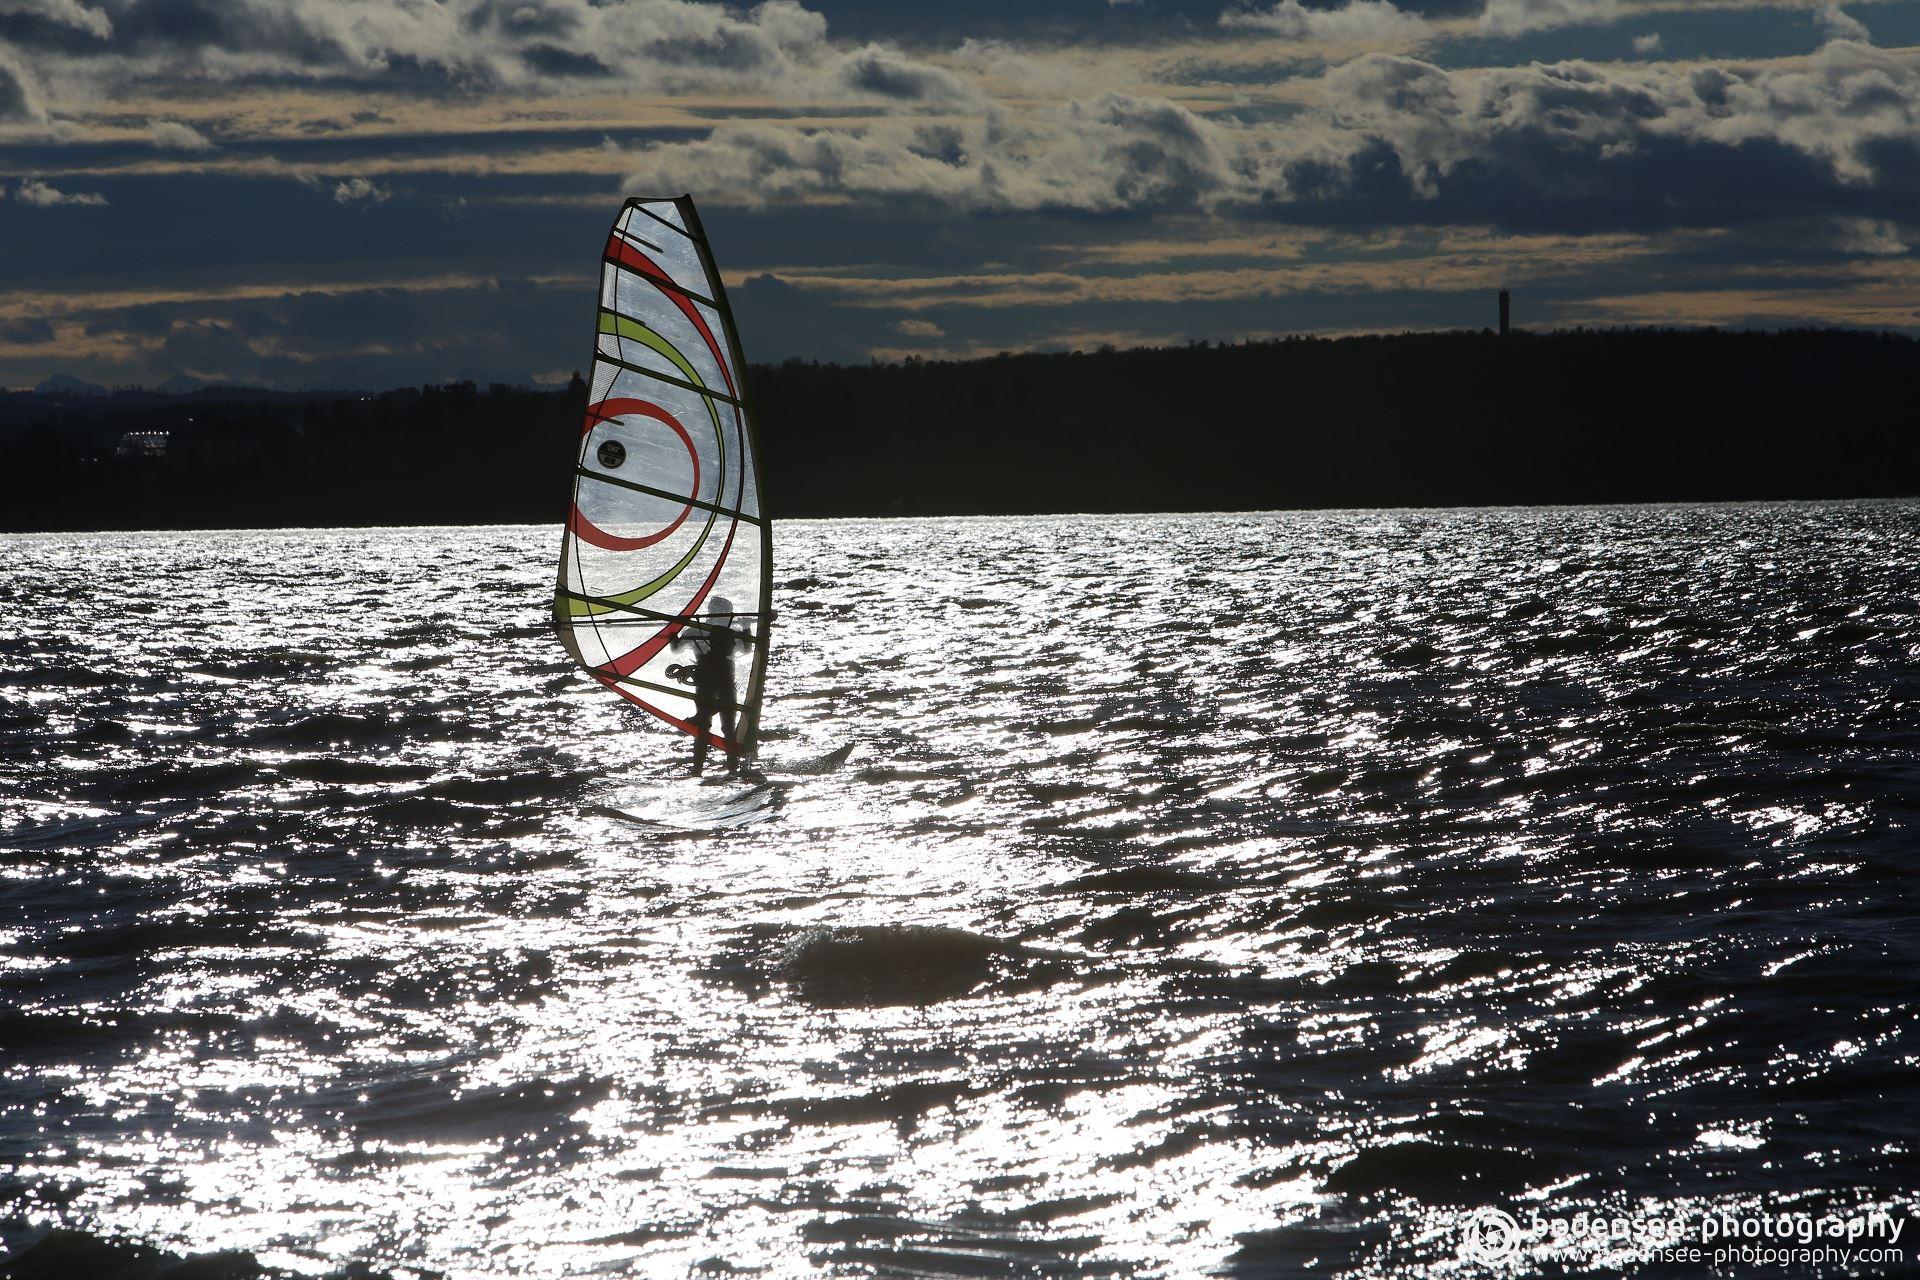 Kitesurfen © reinhold@wentsch.com   bodensee.photography